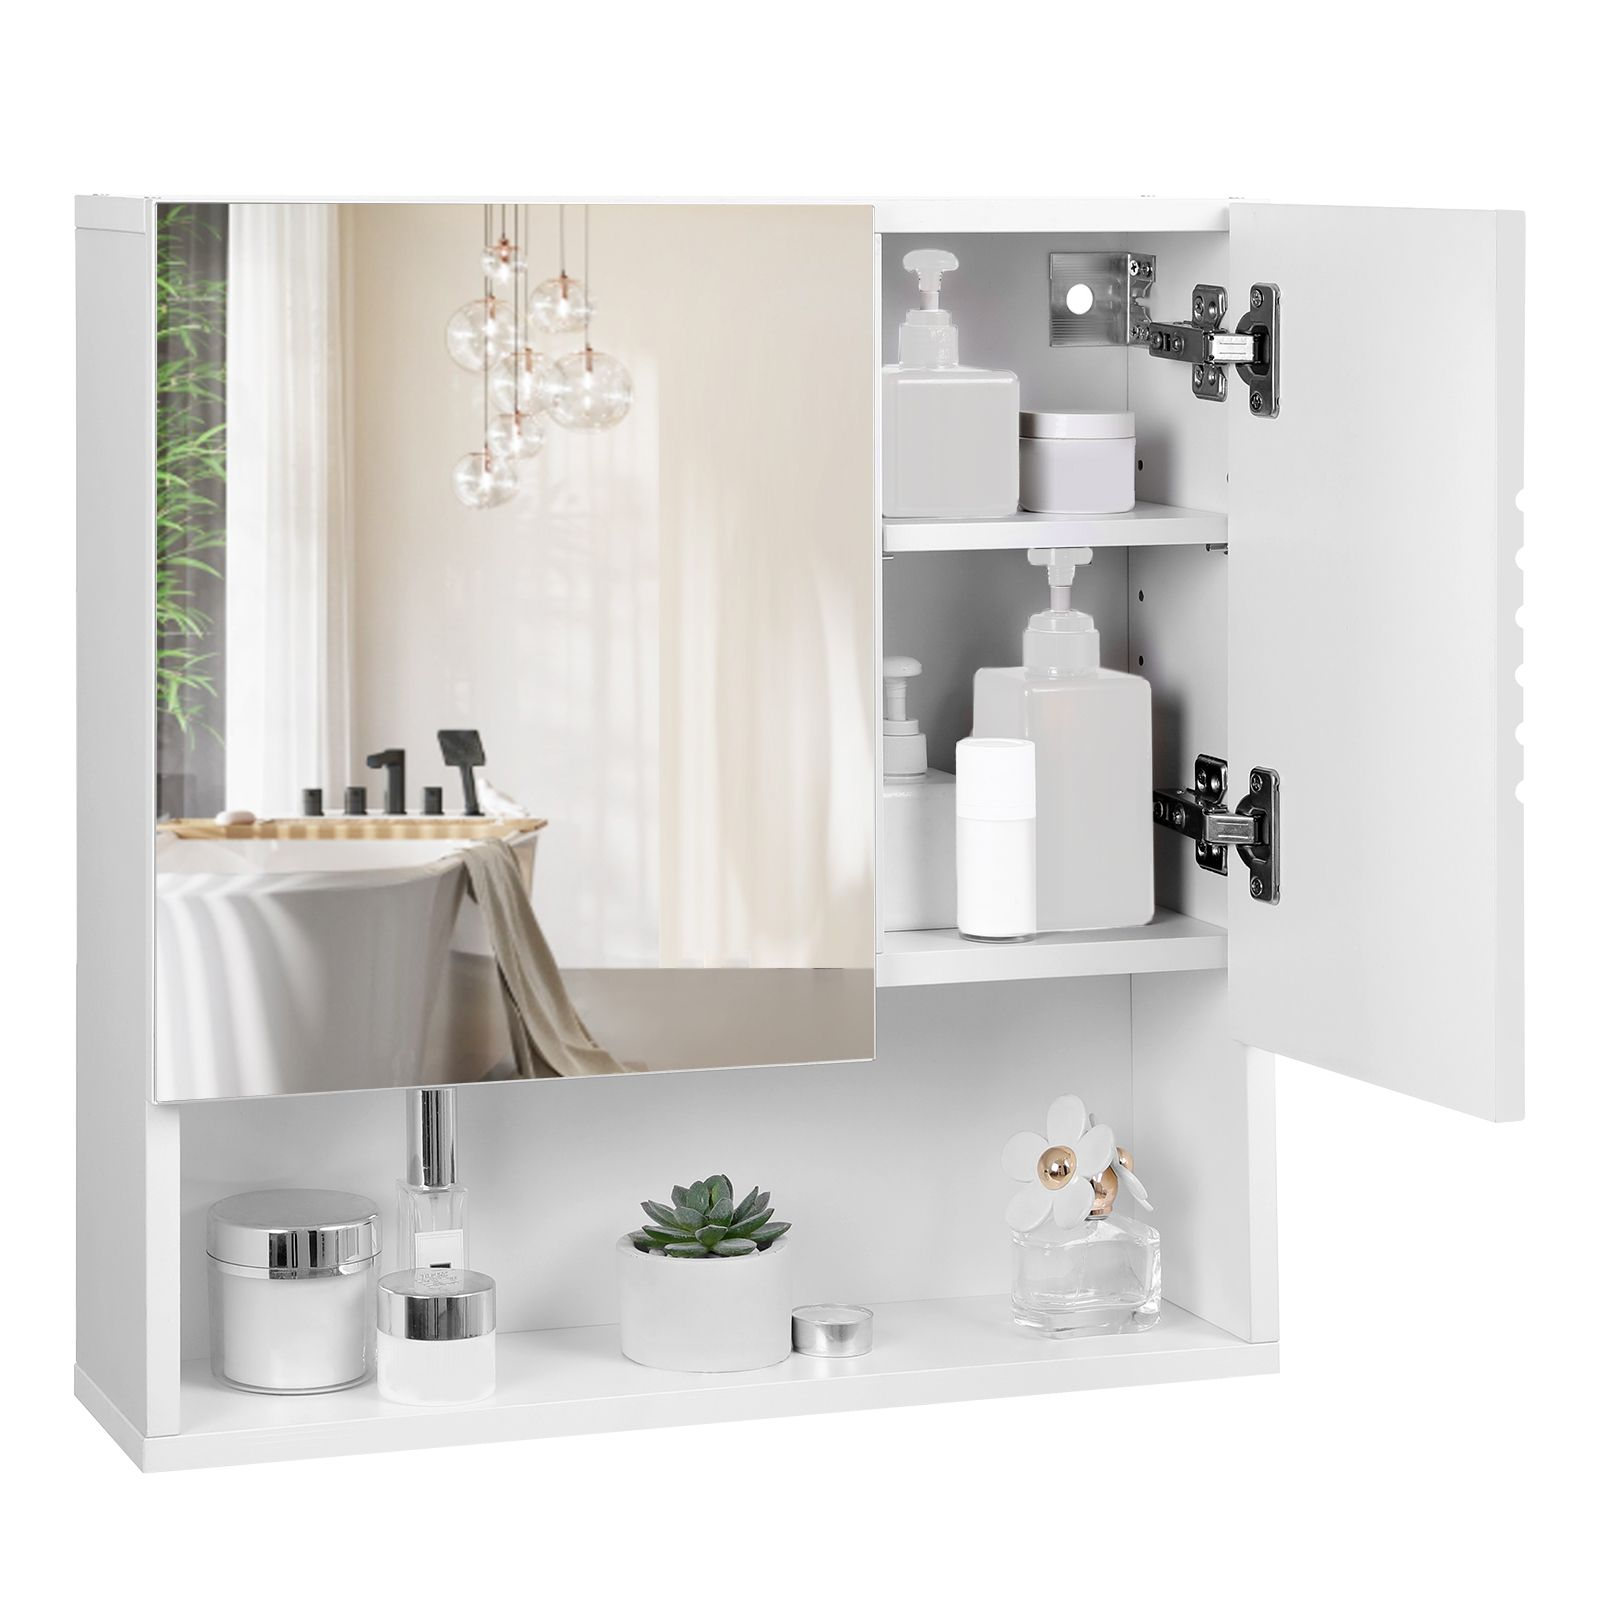 Vasagle Spiegelschrank Weiss Aus Holz 54 X 15 X 55 Cm Furs Bad Wandschrank Badschrank In 2020 Spiegelschrank Wandschrank Schrank